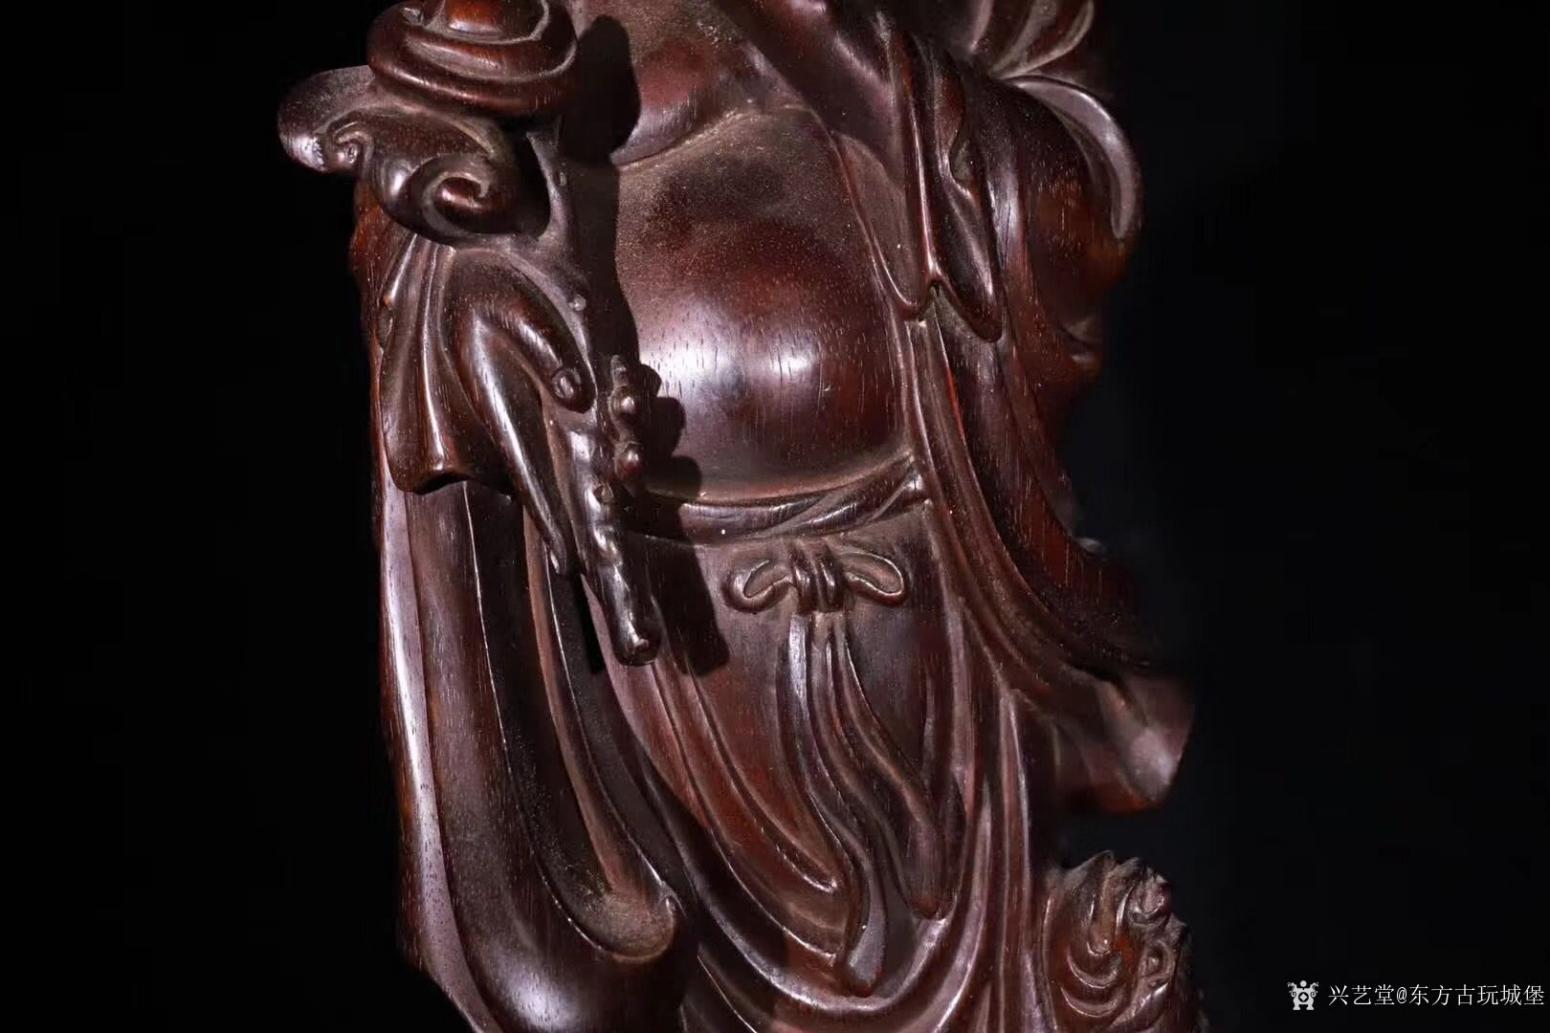 东方古玩城堡雕刻作品《紫檀木刘海戏金蟾》【图4】